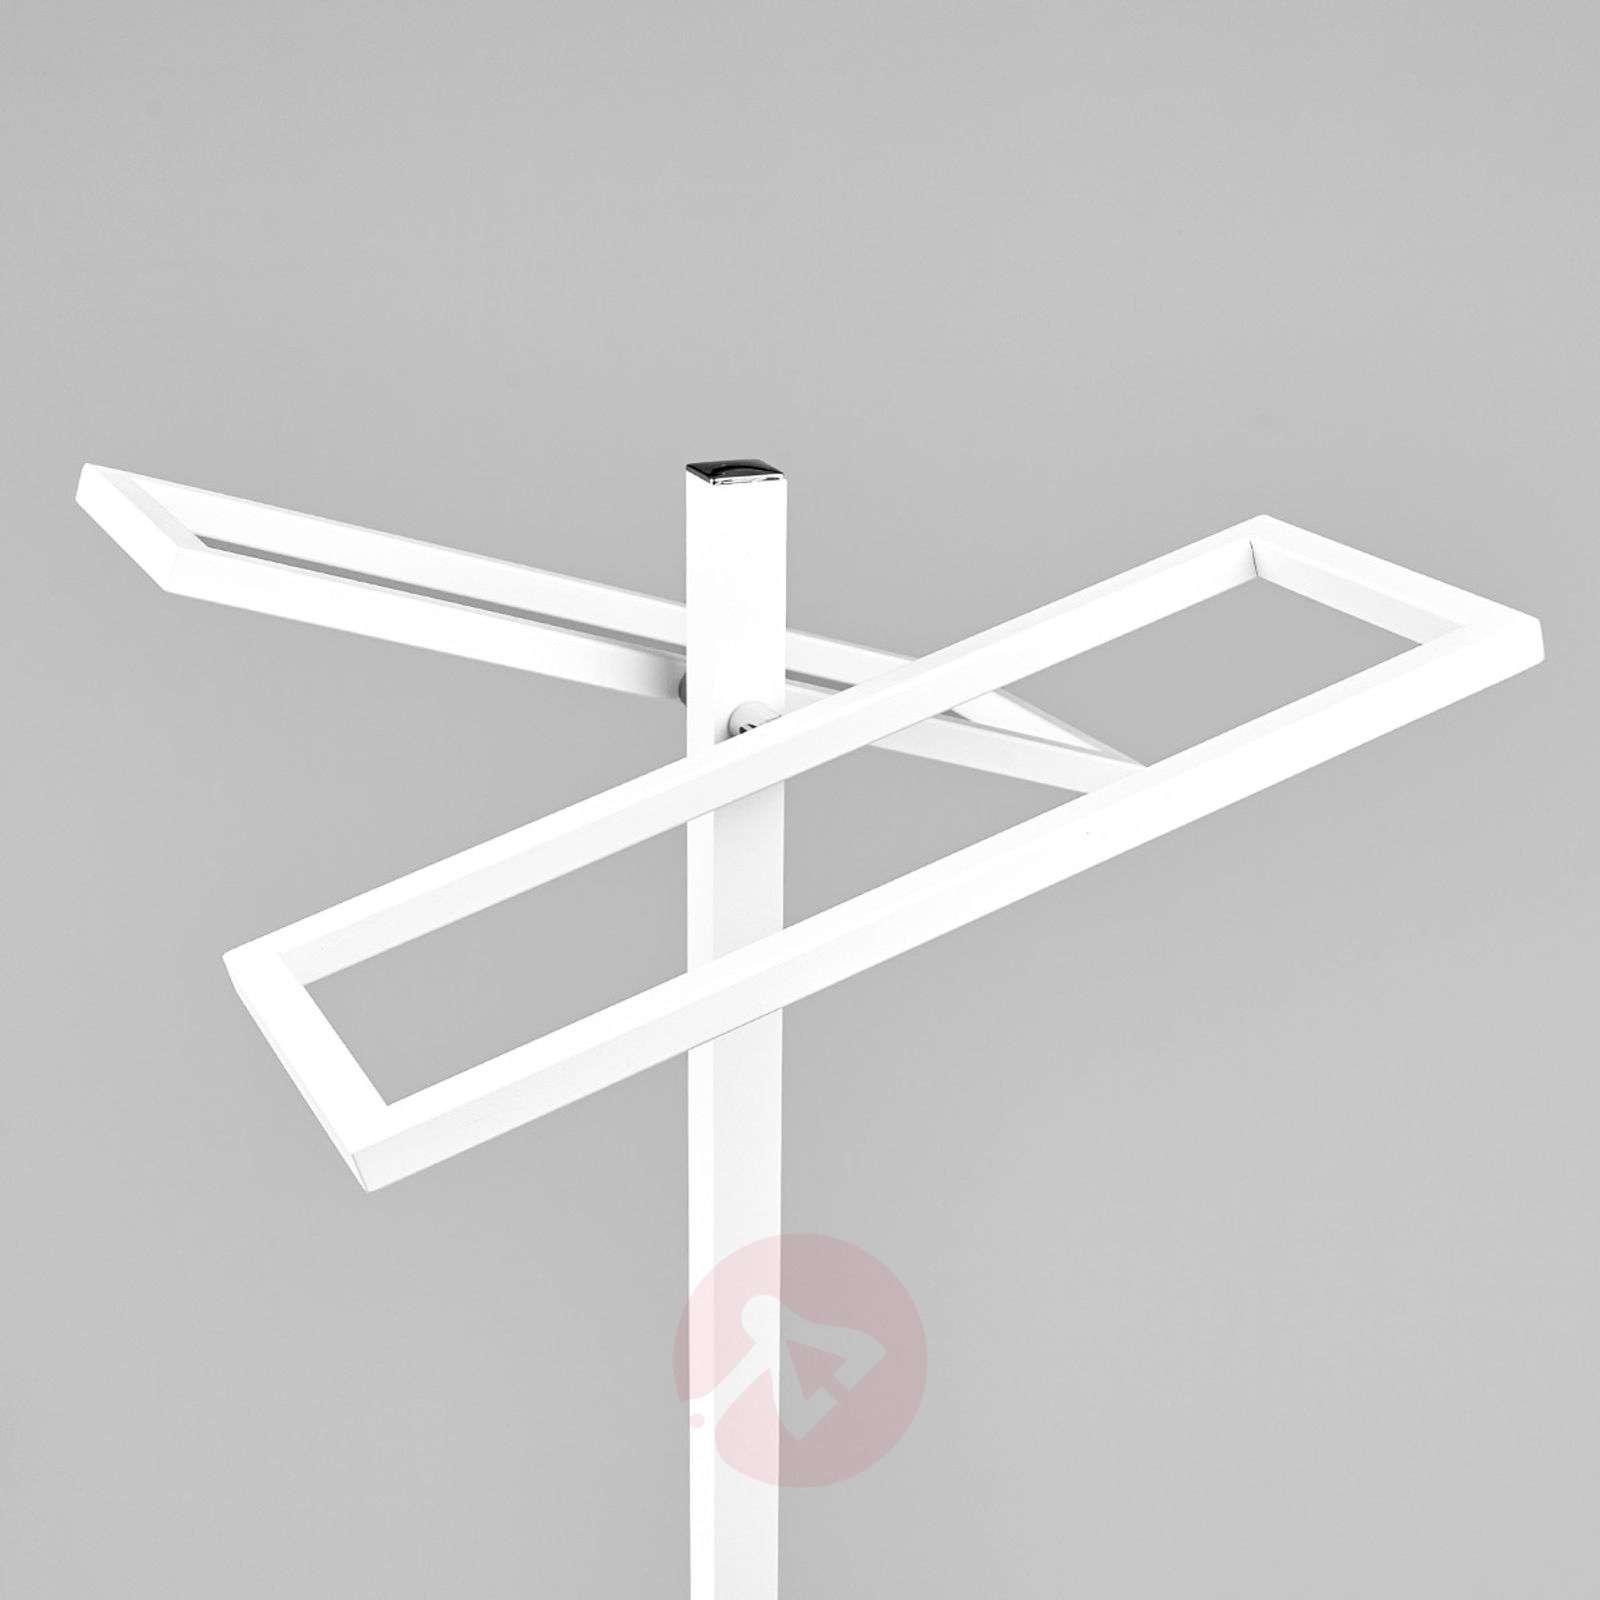 LED-kattovalaisin Cona integroidulla himmentimellä-6722236-01